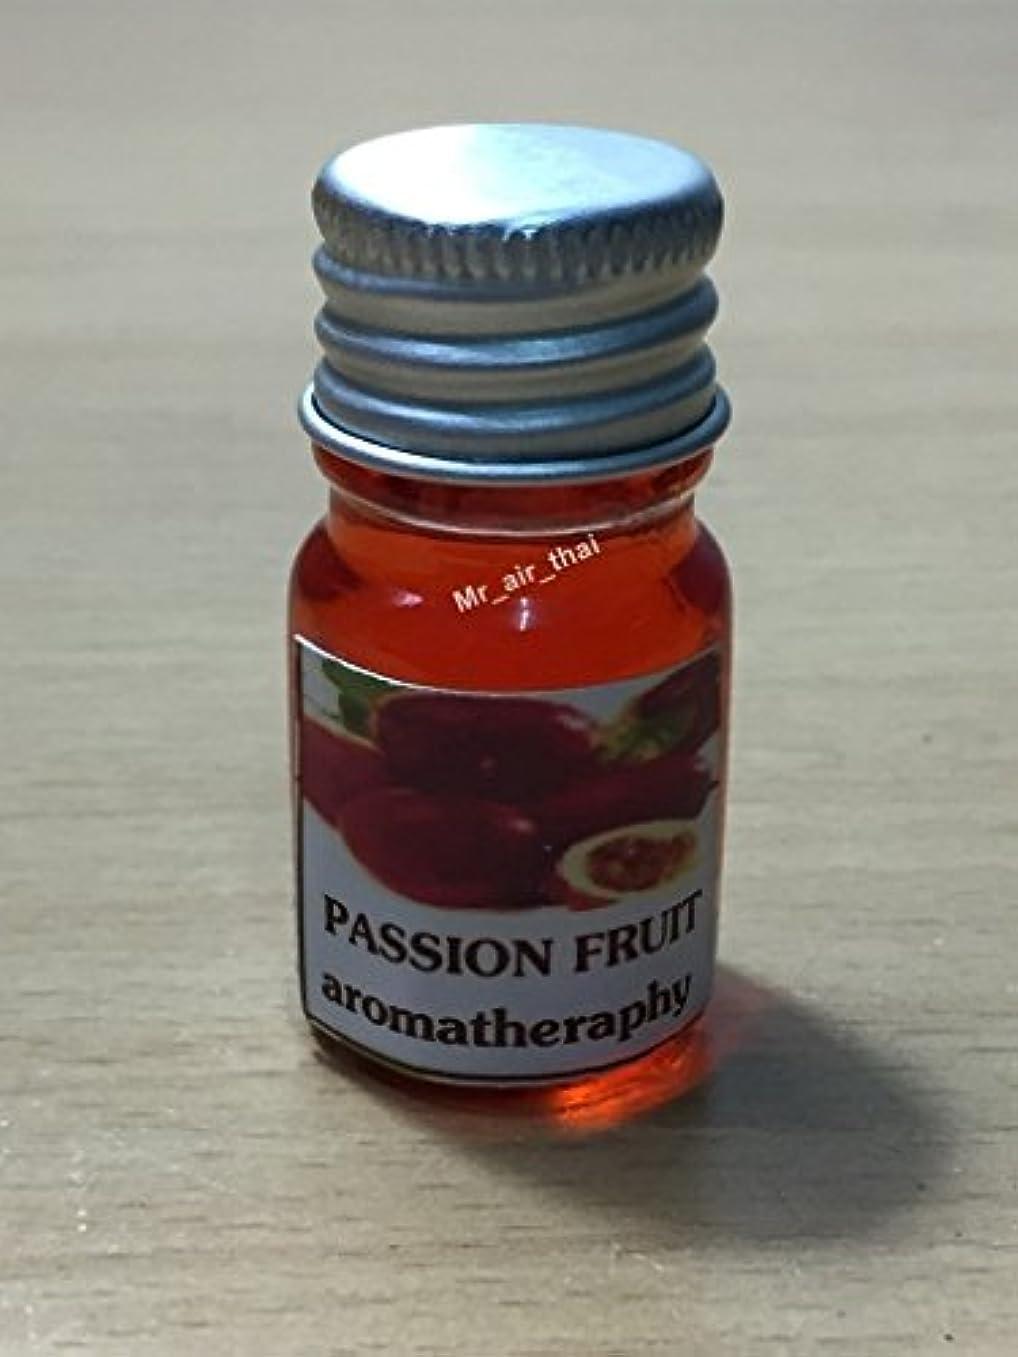 ナンセンス密度ドア5ミリリットルアロマパッションフルーツフランクインセンスエッセンシャルオイルボトルアロマテラピーオイル自然自然5ml Aroma Passion Fruit Frankincense Essential Oil Bottles...